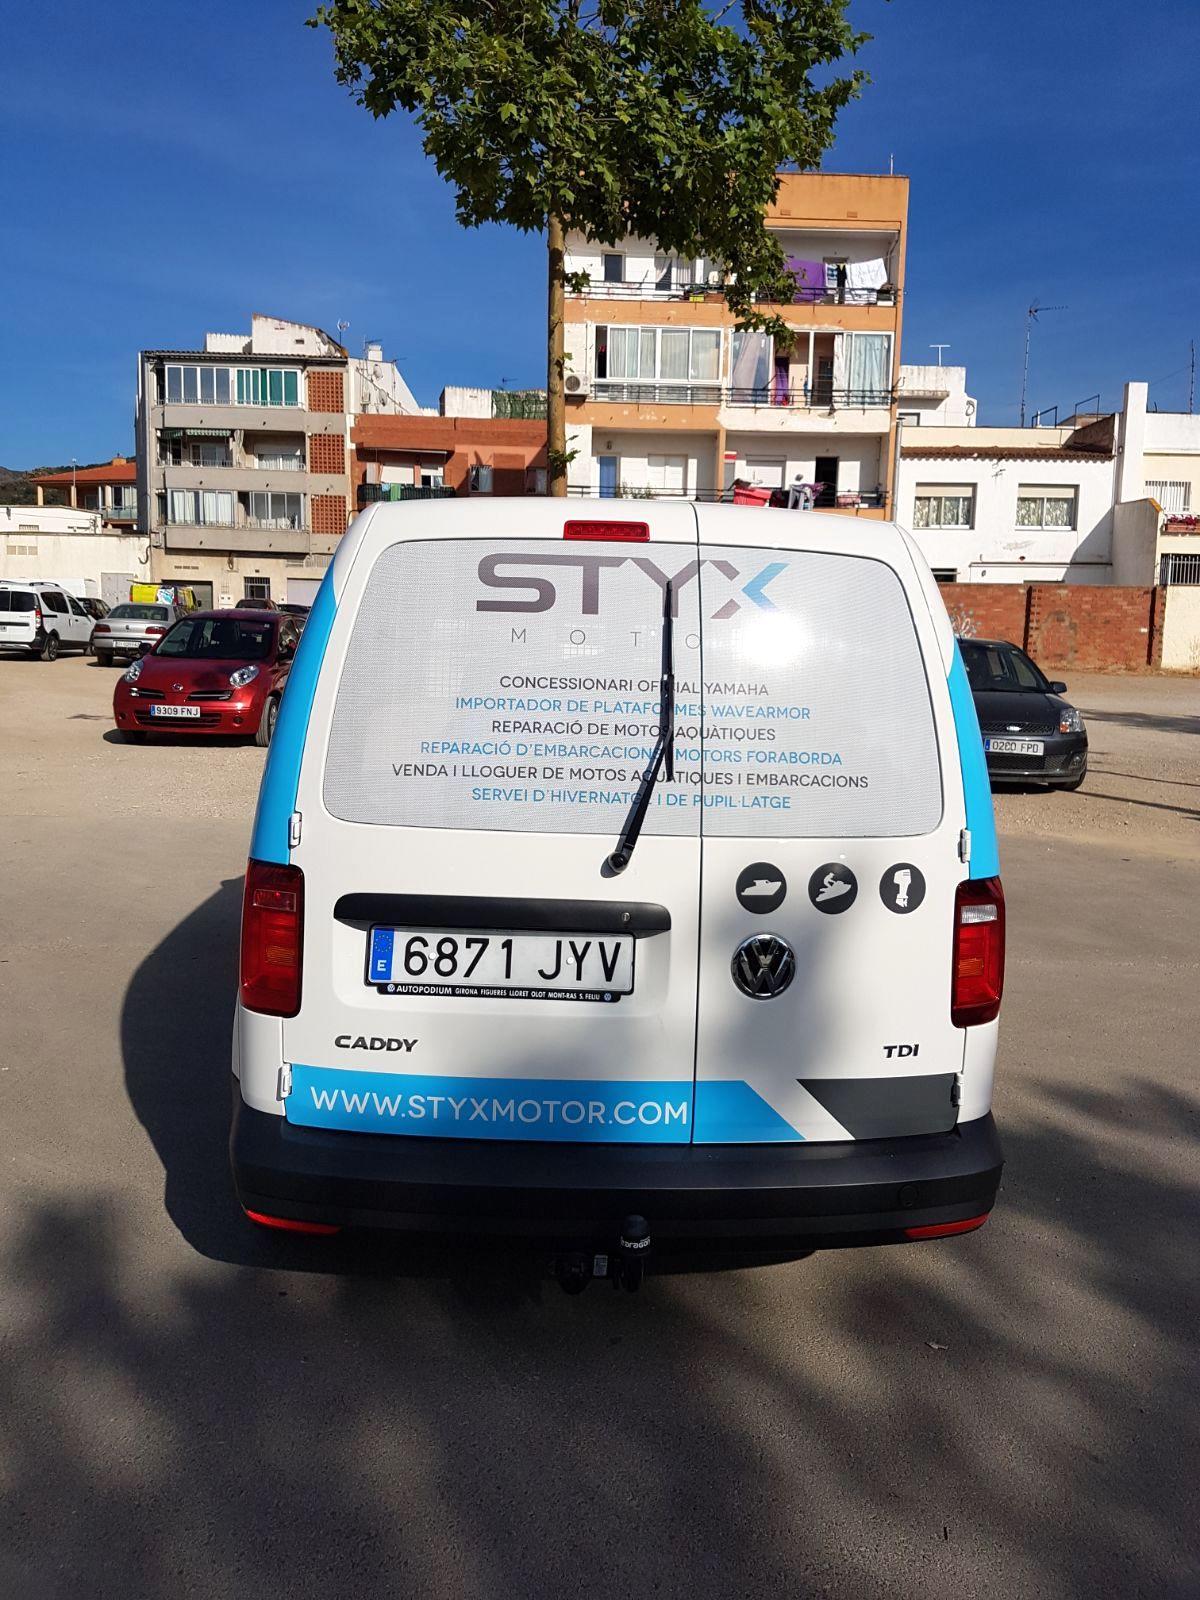 STYXMOTOR9 - Retolació vehicles